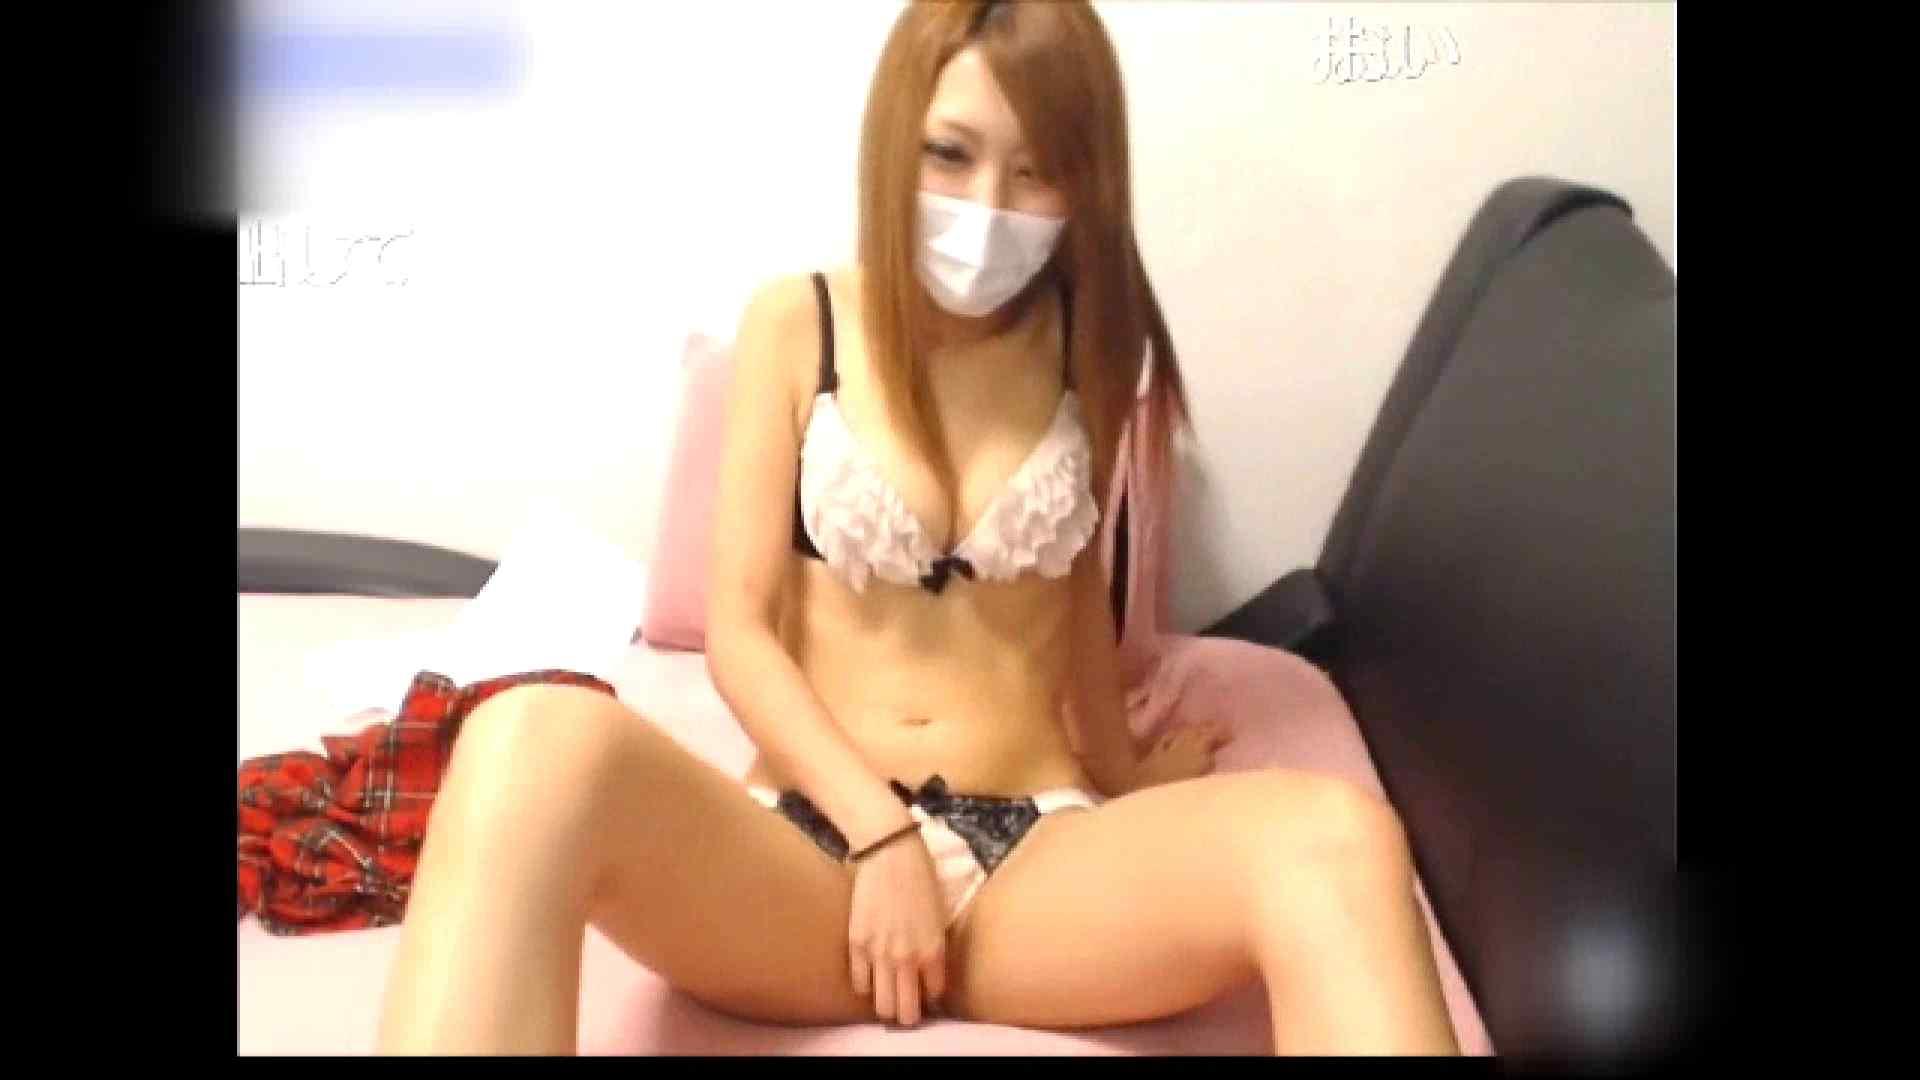 アッと驚くハメ五郎 Vol.05 OL   美女達のヌード  73連発 22